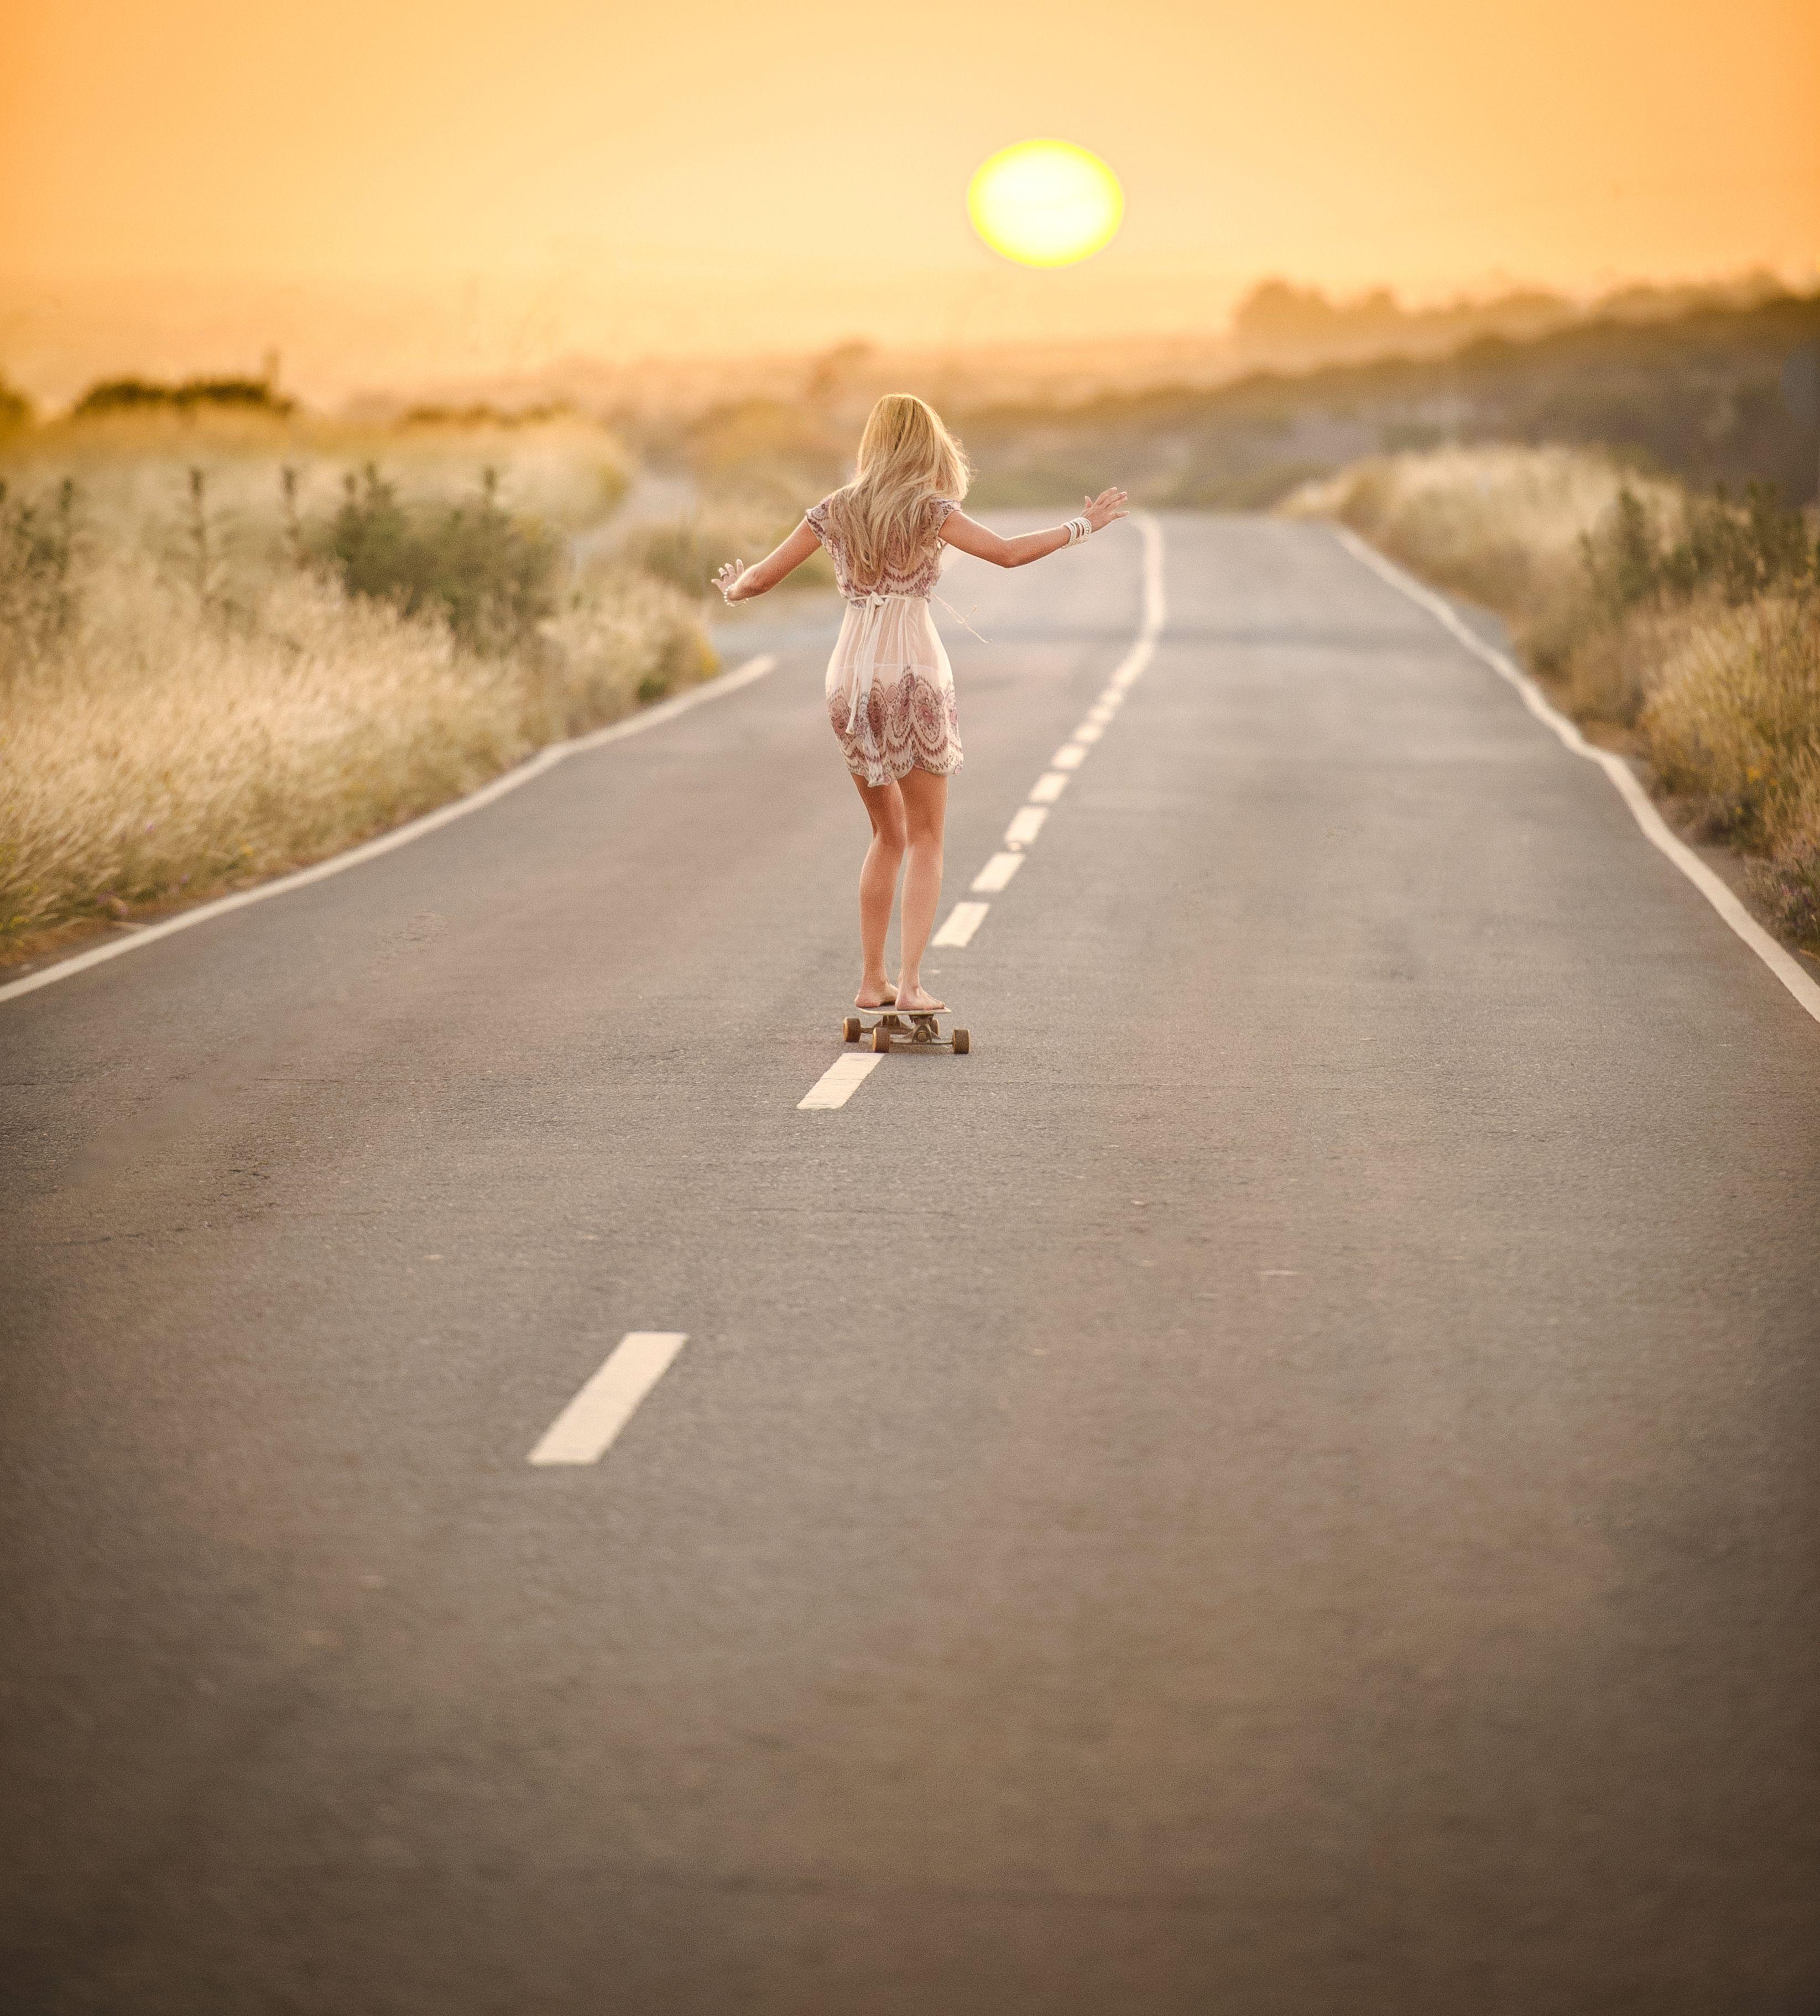 ... #skateboarding #LOVOO